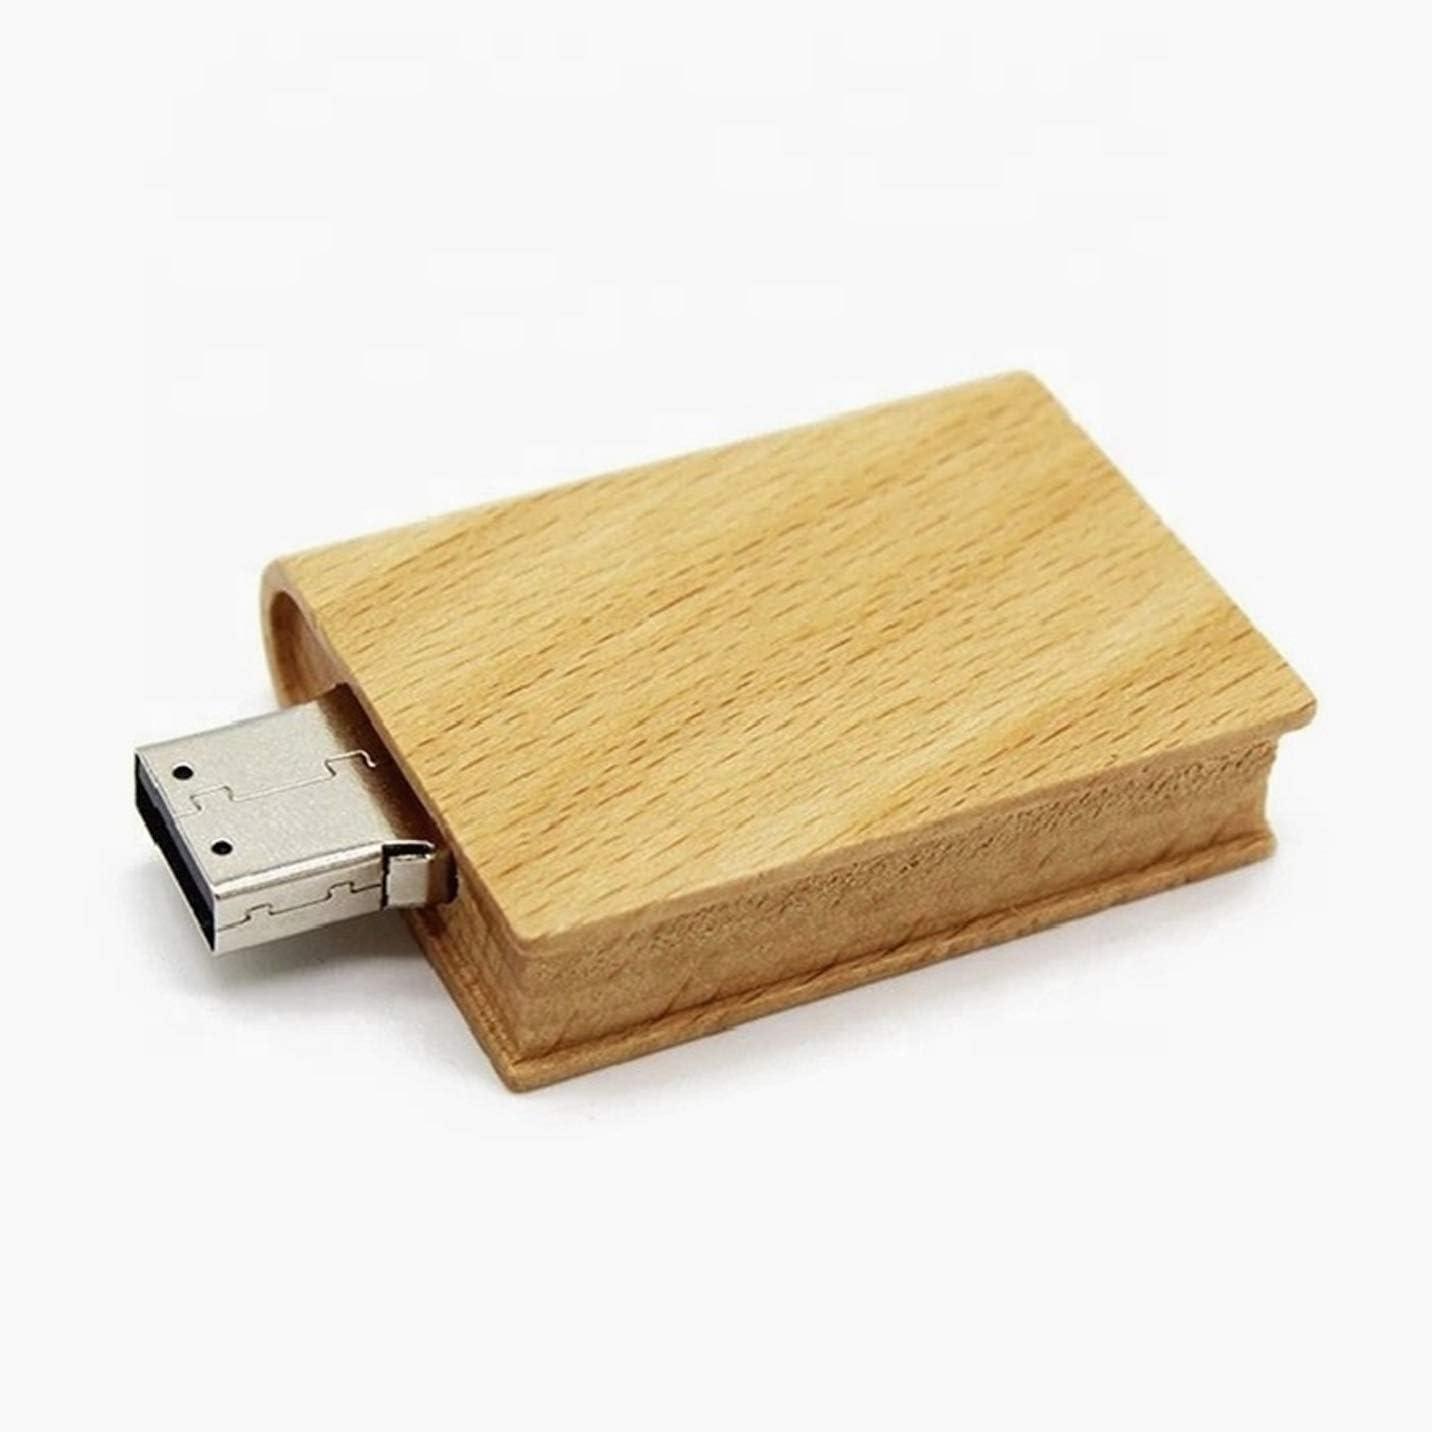 Libro de Madera 16 GB - Book Wood - Memoria Almacenamiento de ...